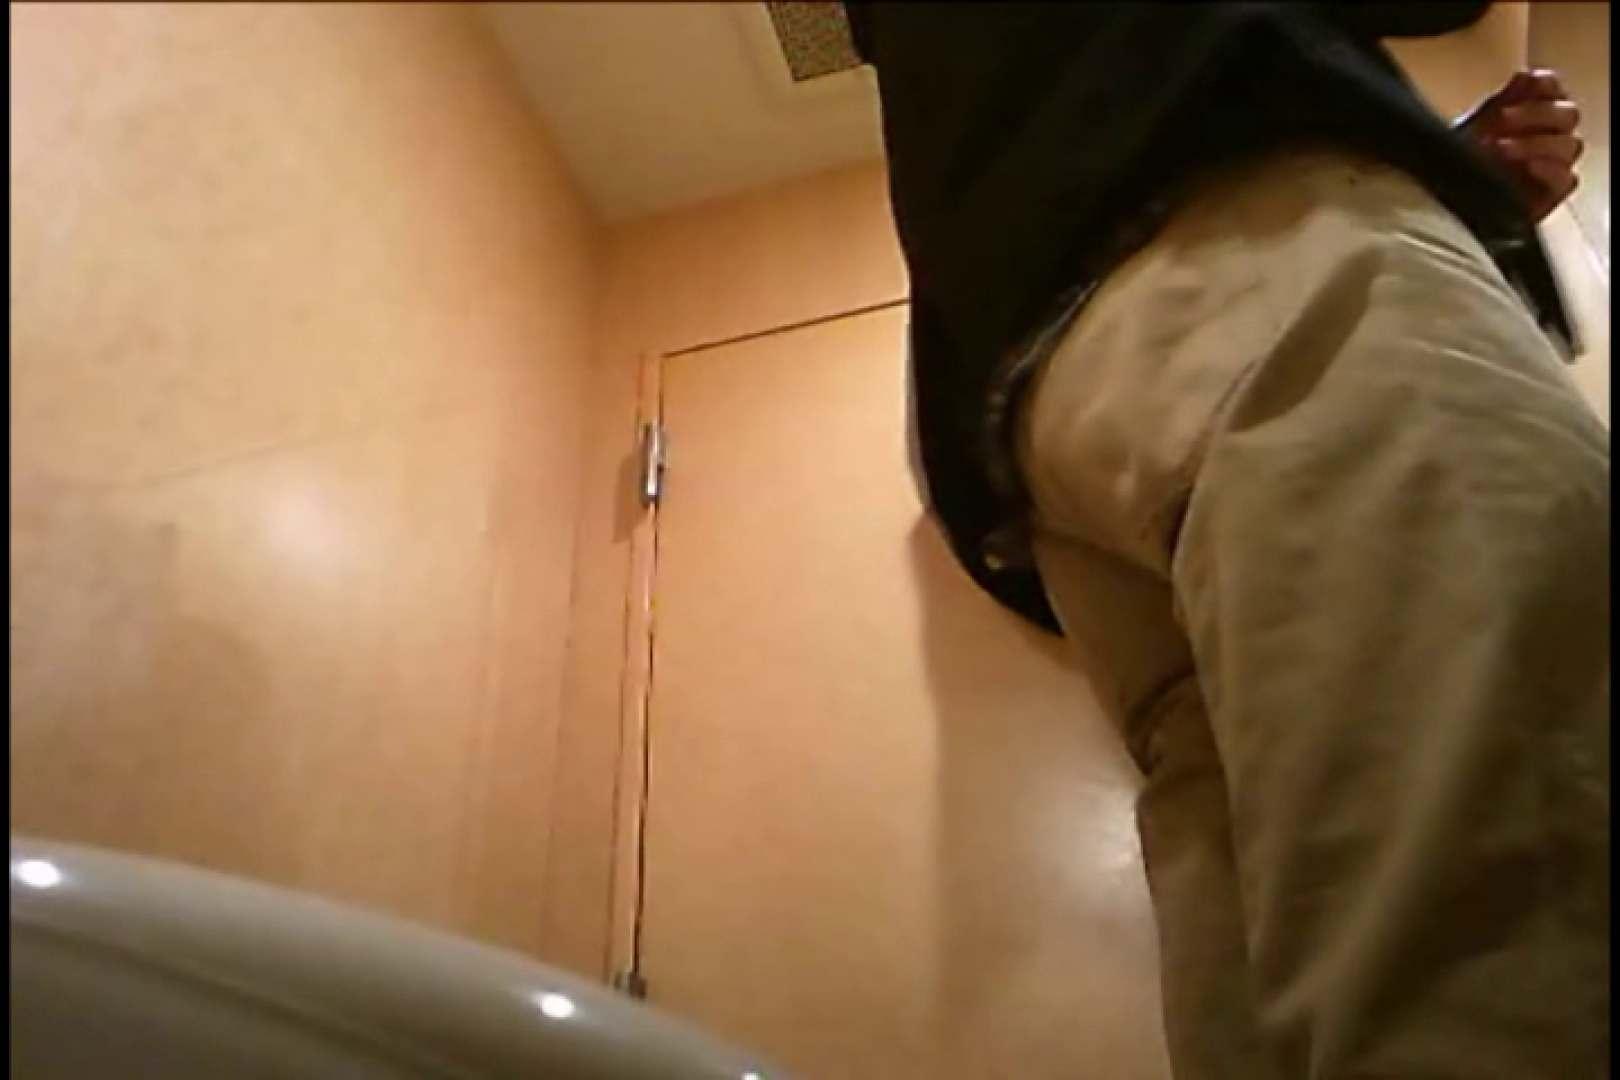 Gボーイ初投稿!掴み取りさんの洗面所覗き!in新幹線!VOL.07 ボーイズ覗き | のぞき  72pic 6